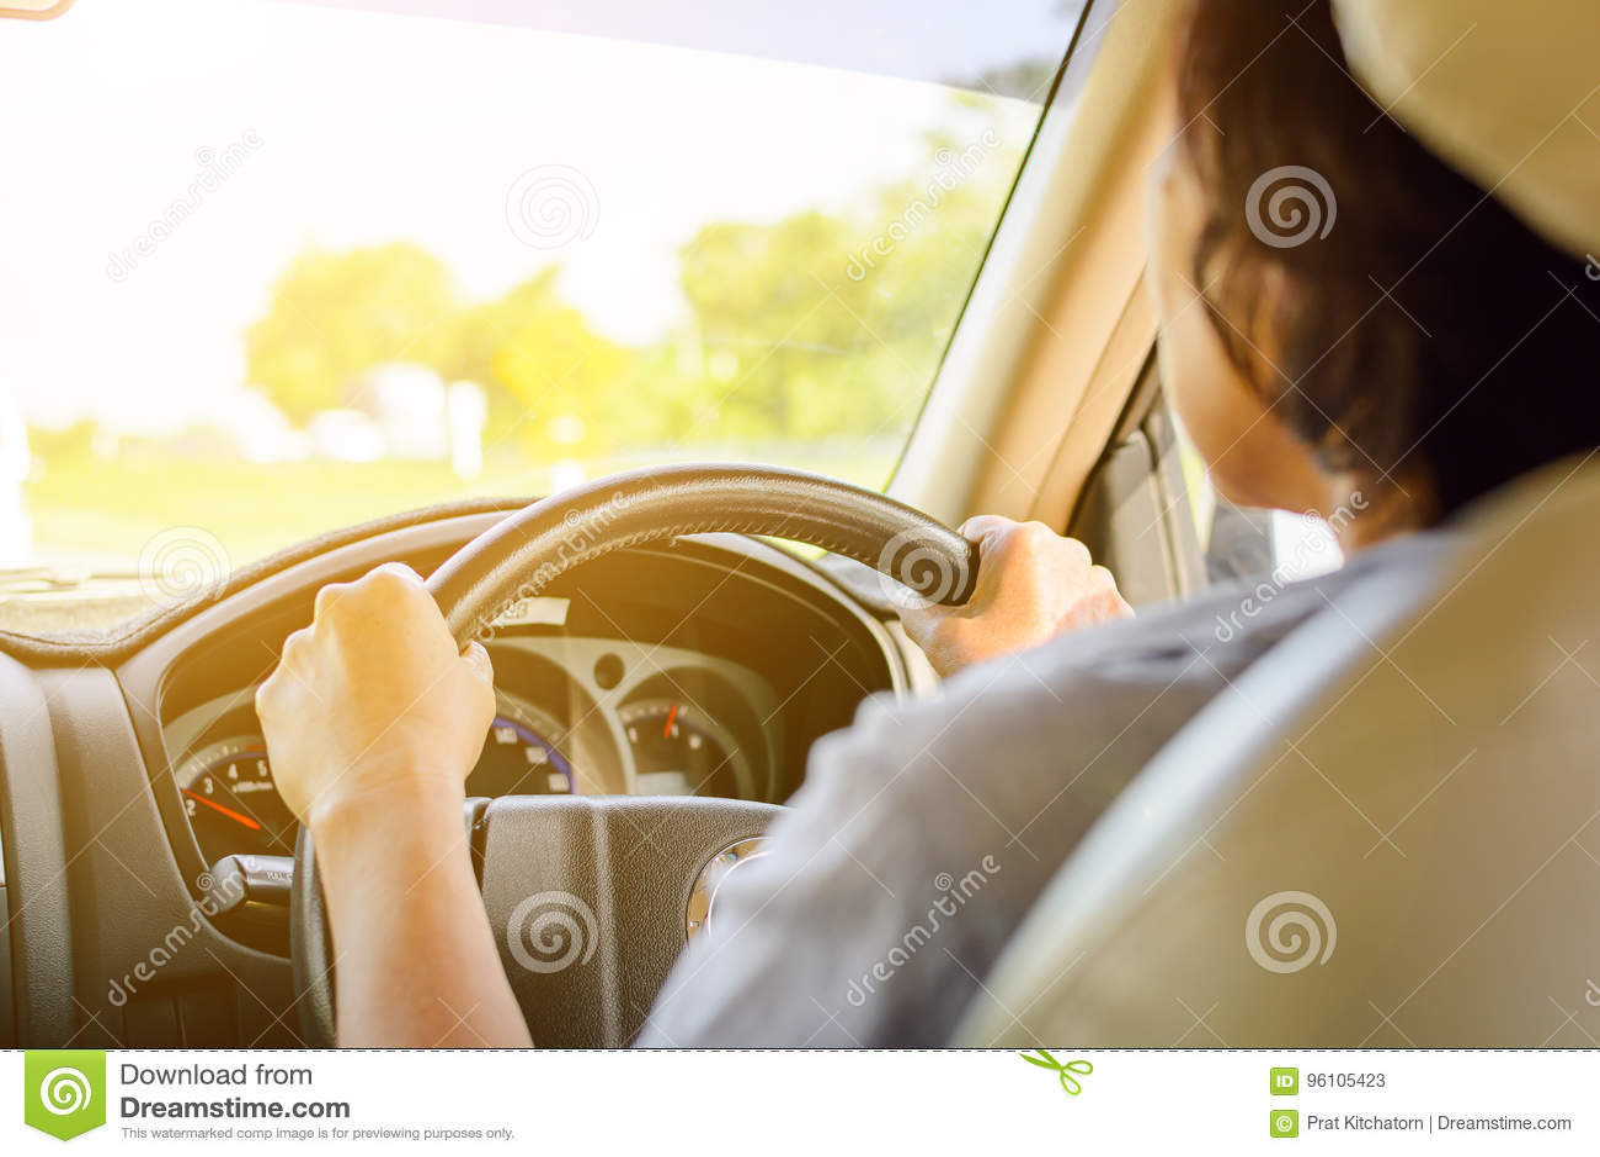 Conducción en viajes por carretera y tráfico para la seguridad